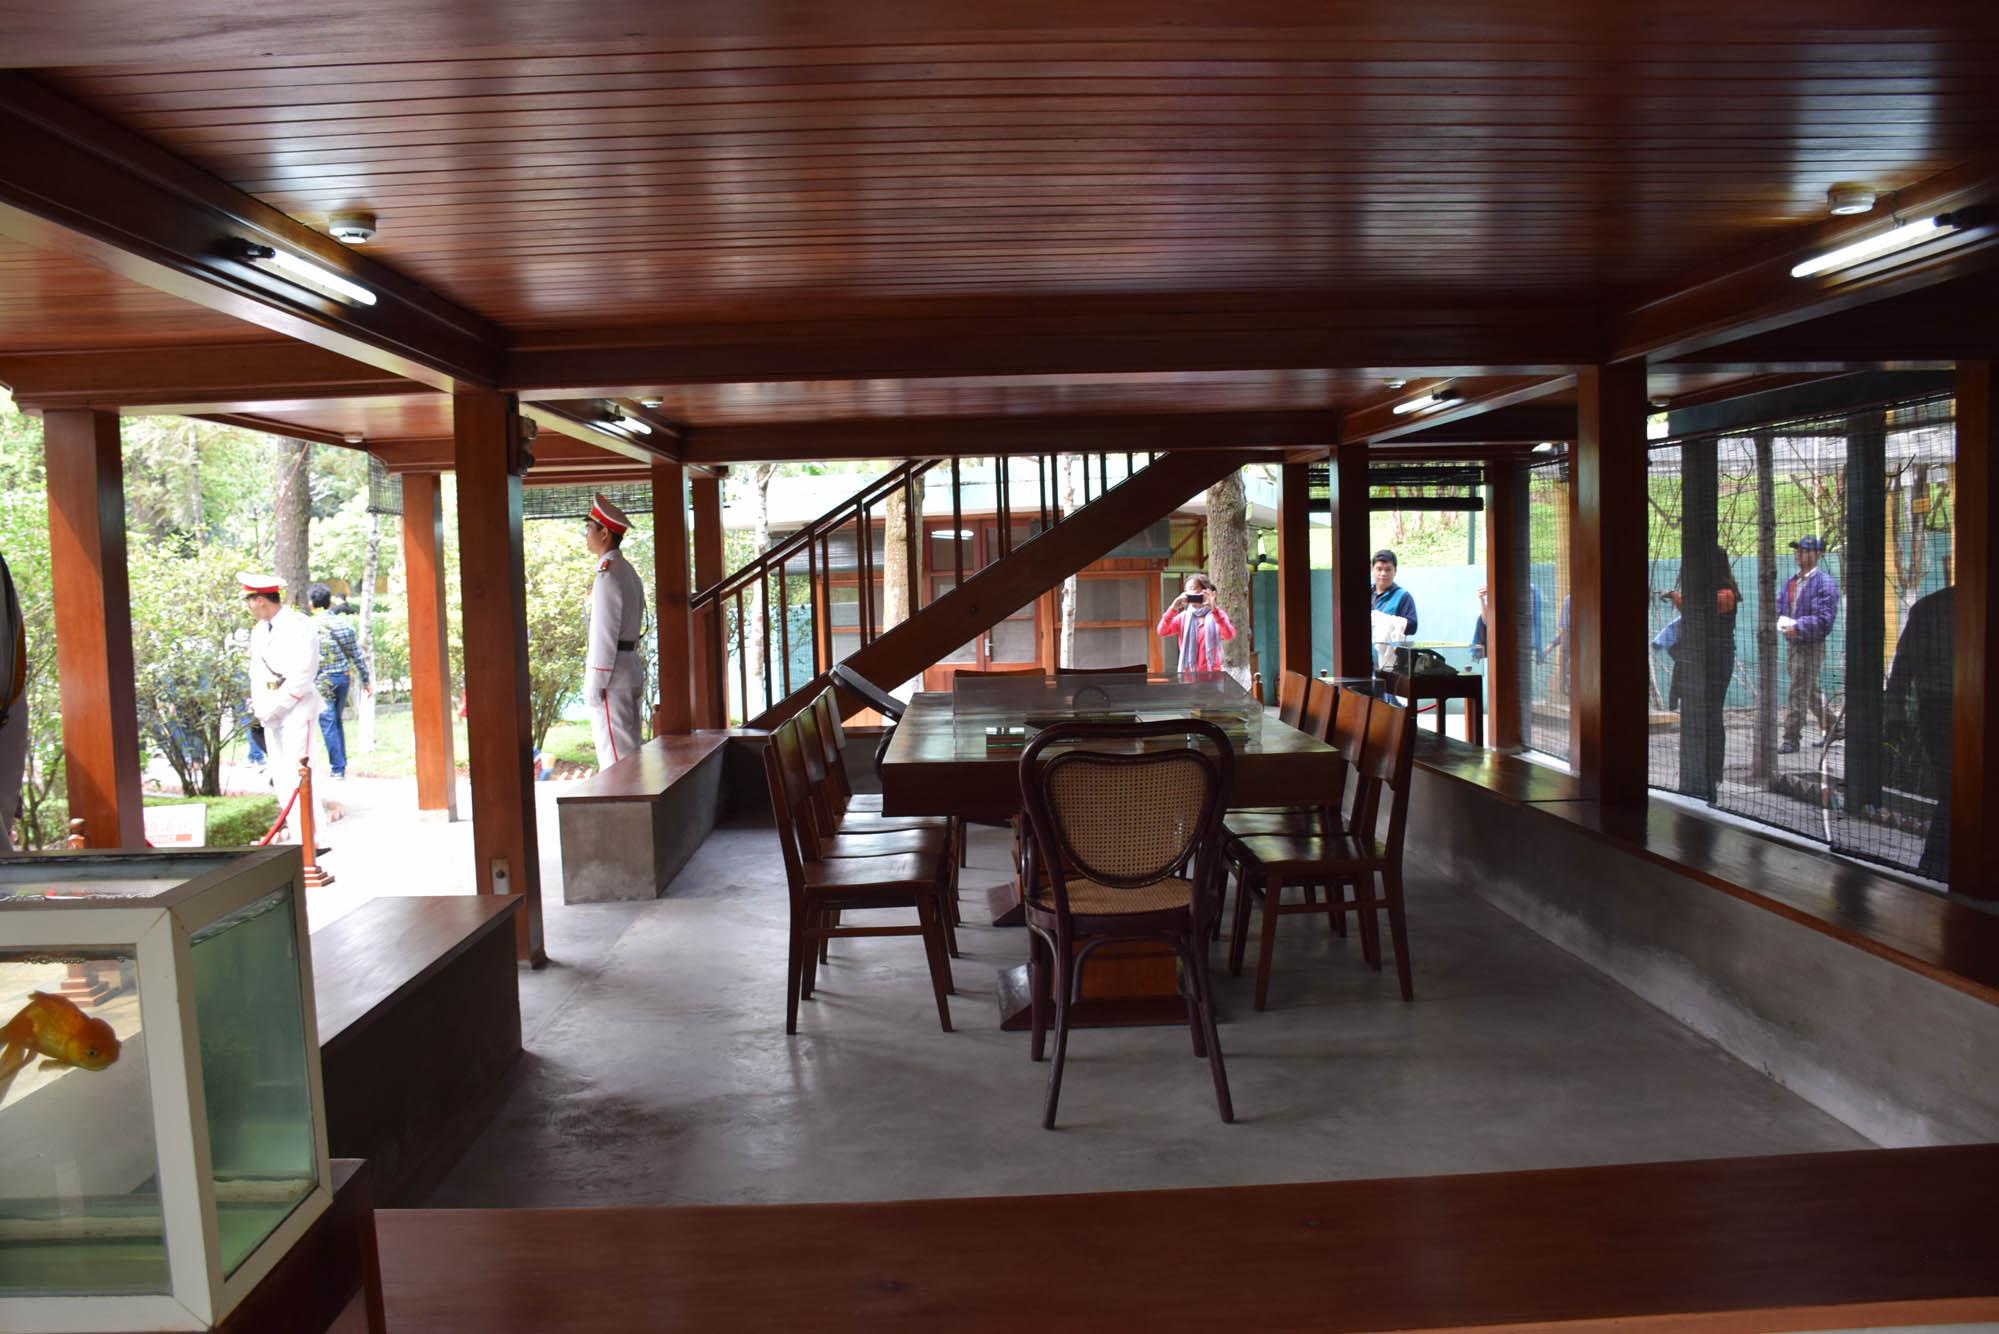 Sala da casa de Ho Chi Minh - Hanoi